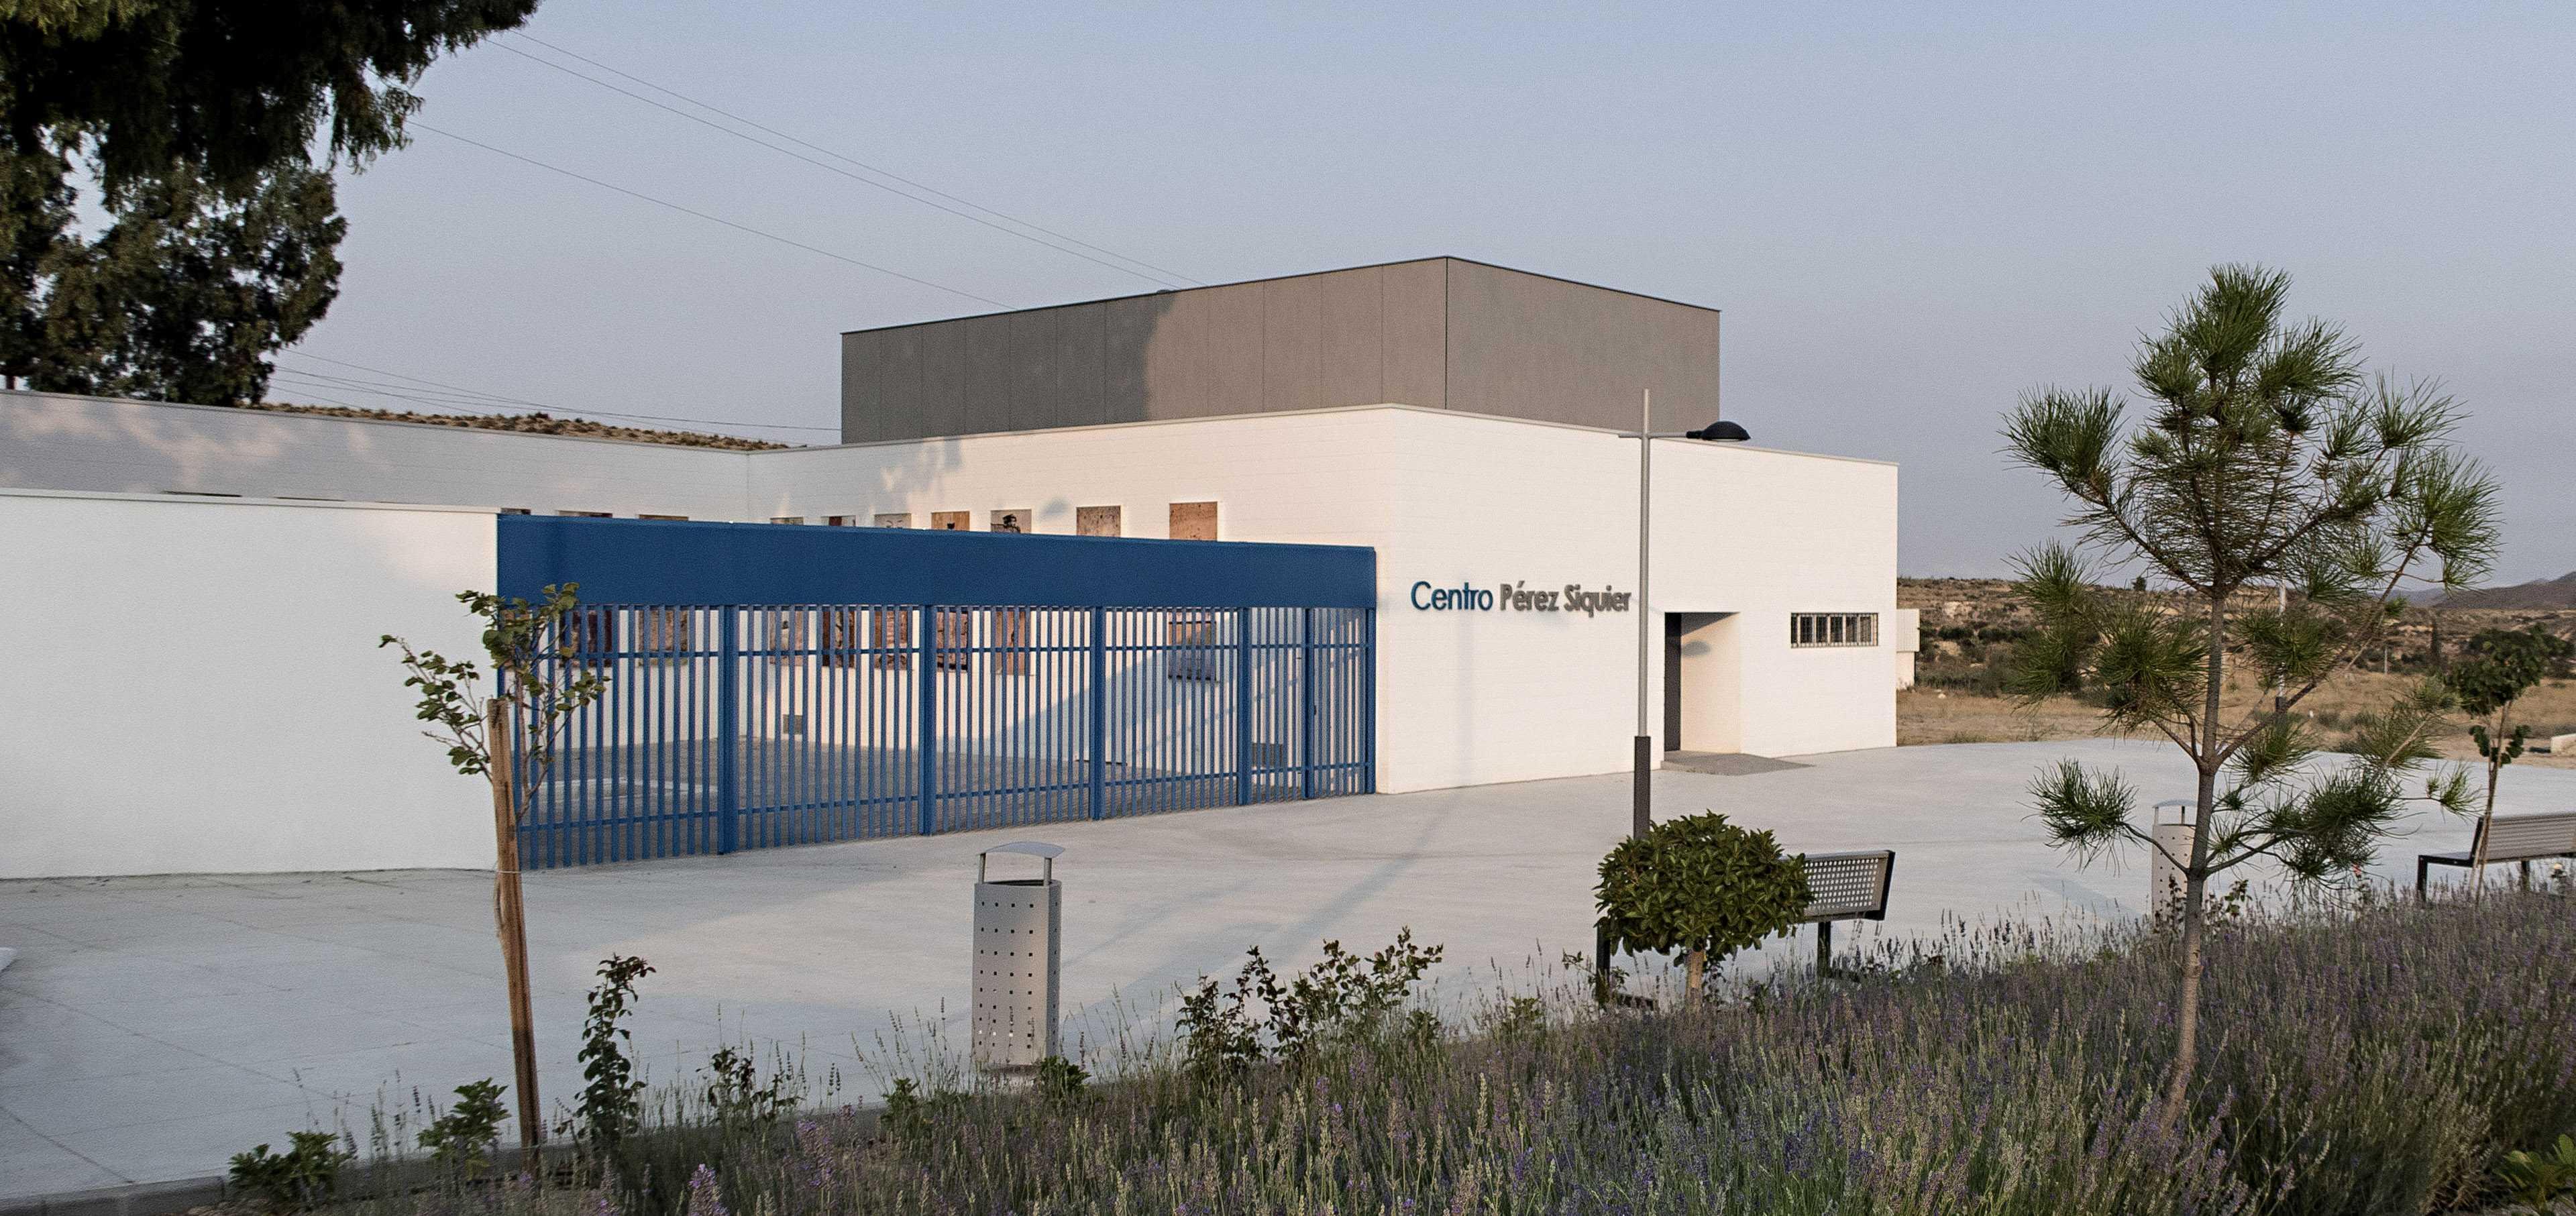 Centro Pérez Siquier  - 01 41